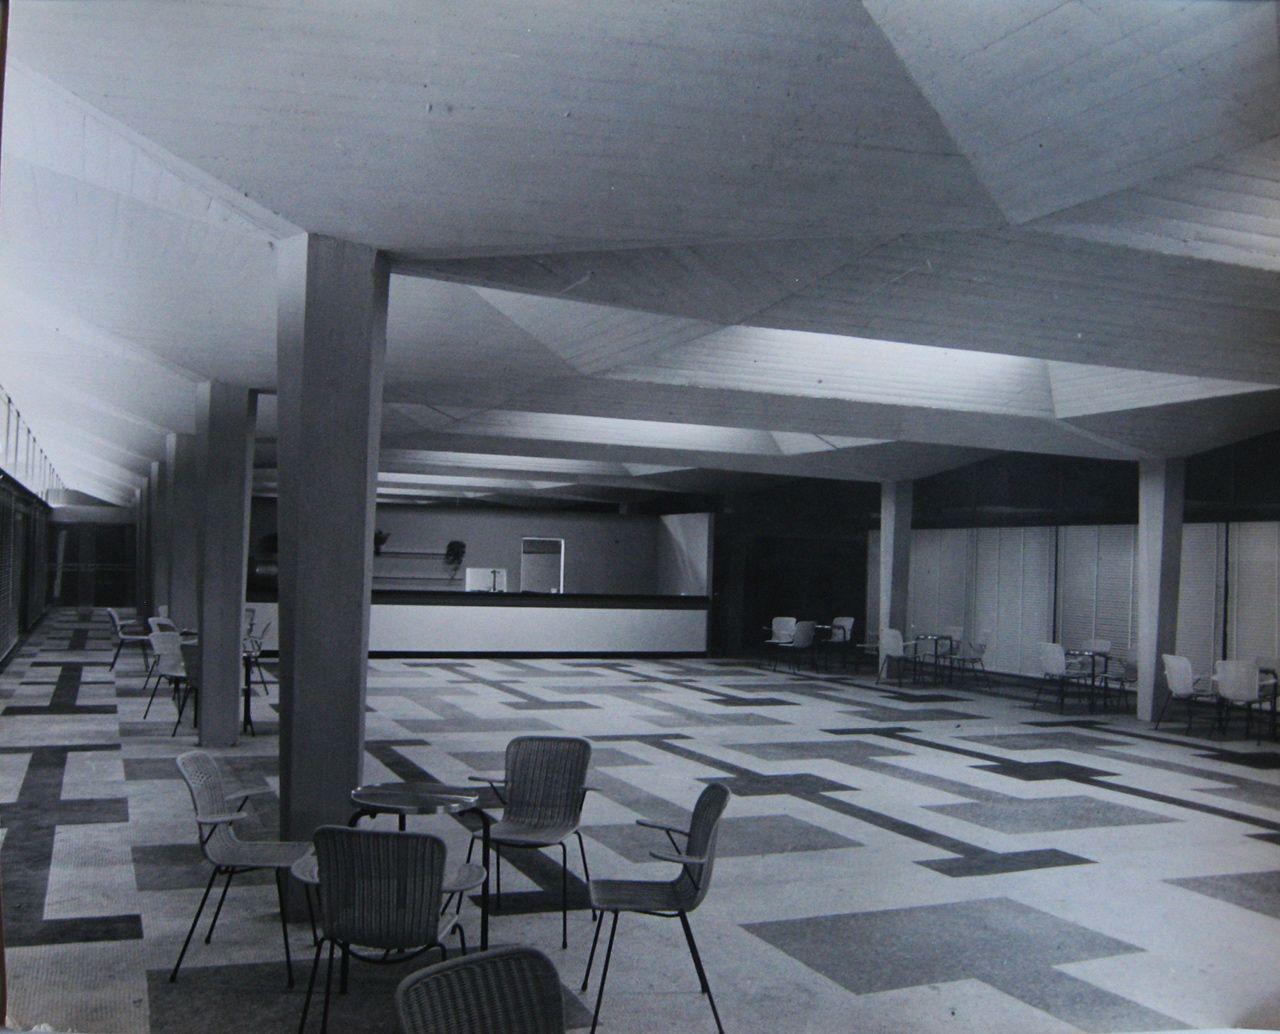 Sergio Musmeci, Sala ristorante dello Stadio del Nuoto, Roma 1959, Archivio Musmeci, Collezione MAXXI Architettura